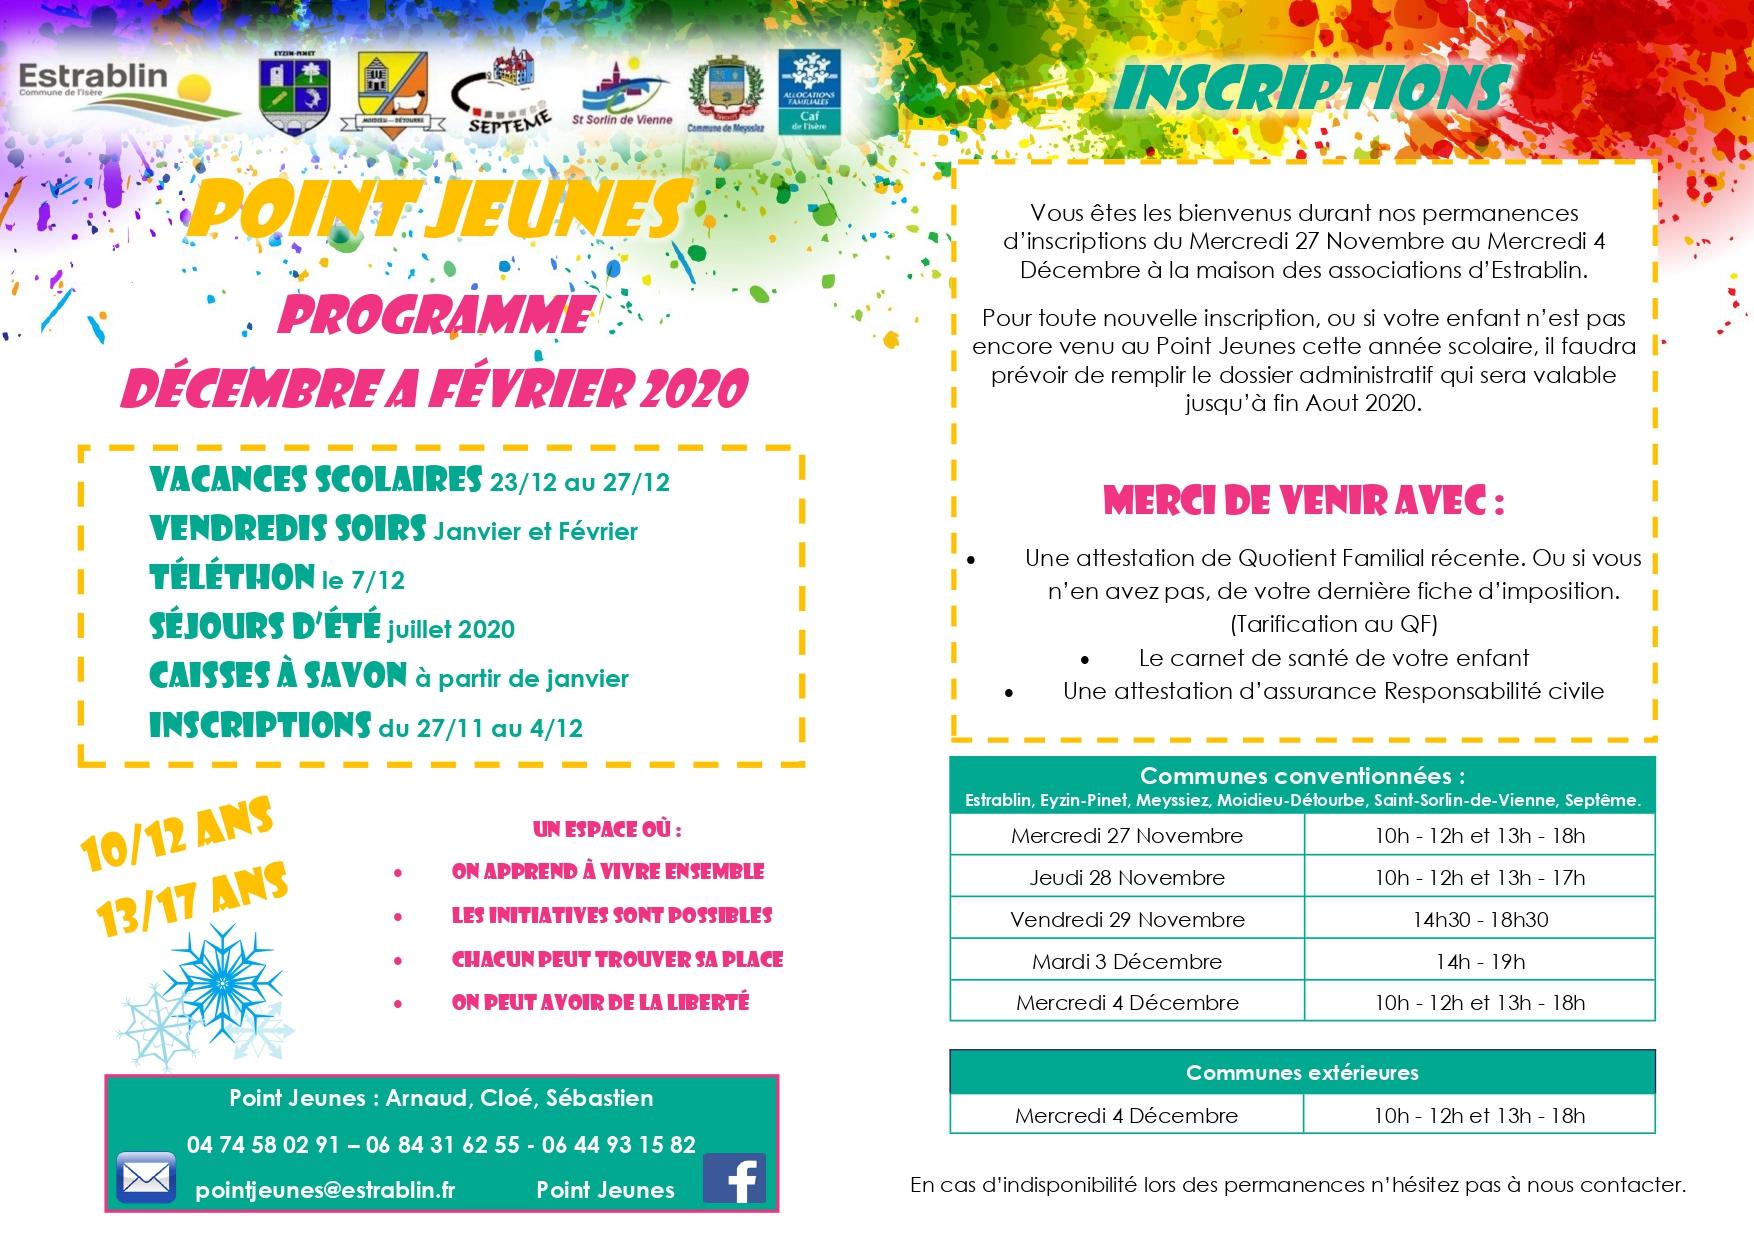 Programme PJ decembre 2019 à fevrier 2020_page-0001